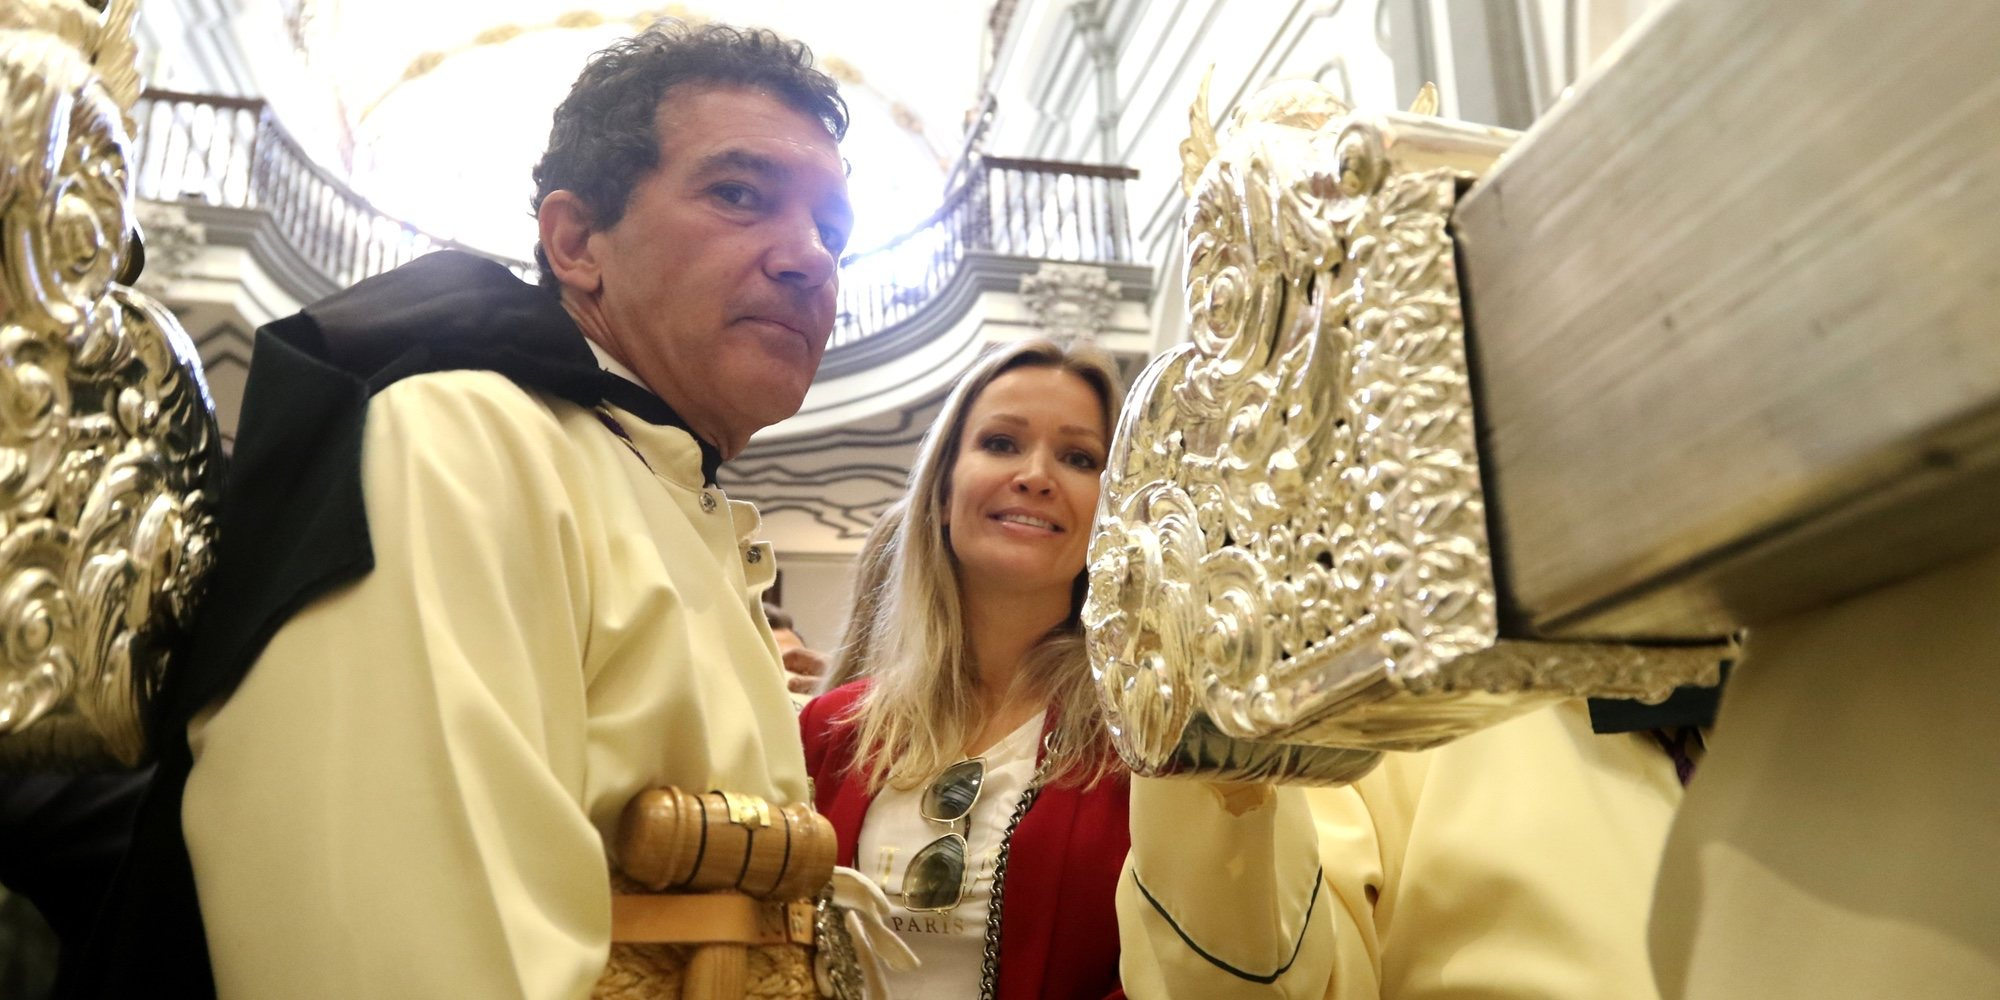 Antonio Banderas celebra la Semana Santa con Nicole Kimpel mientras Melanie Griffith se pone nostálgica